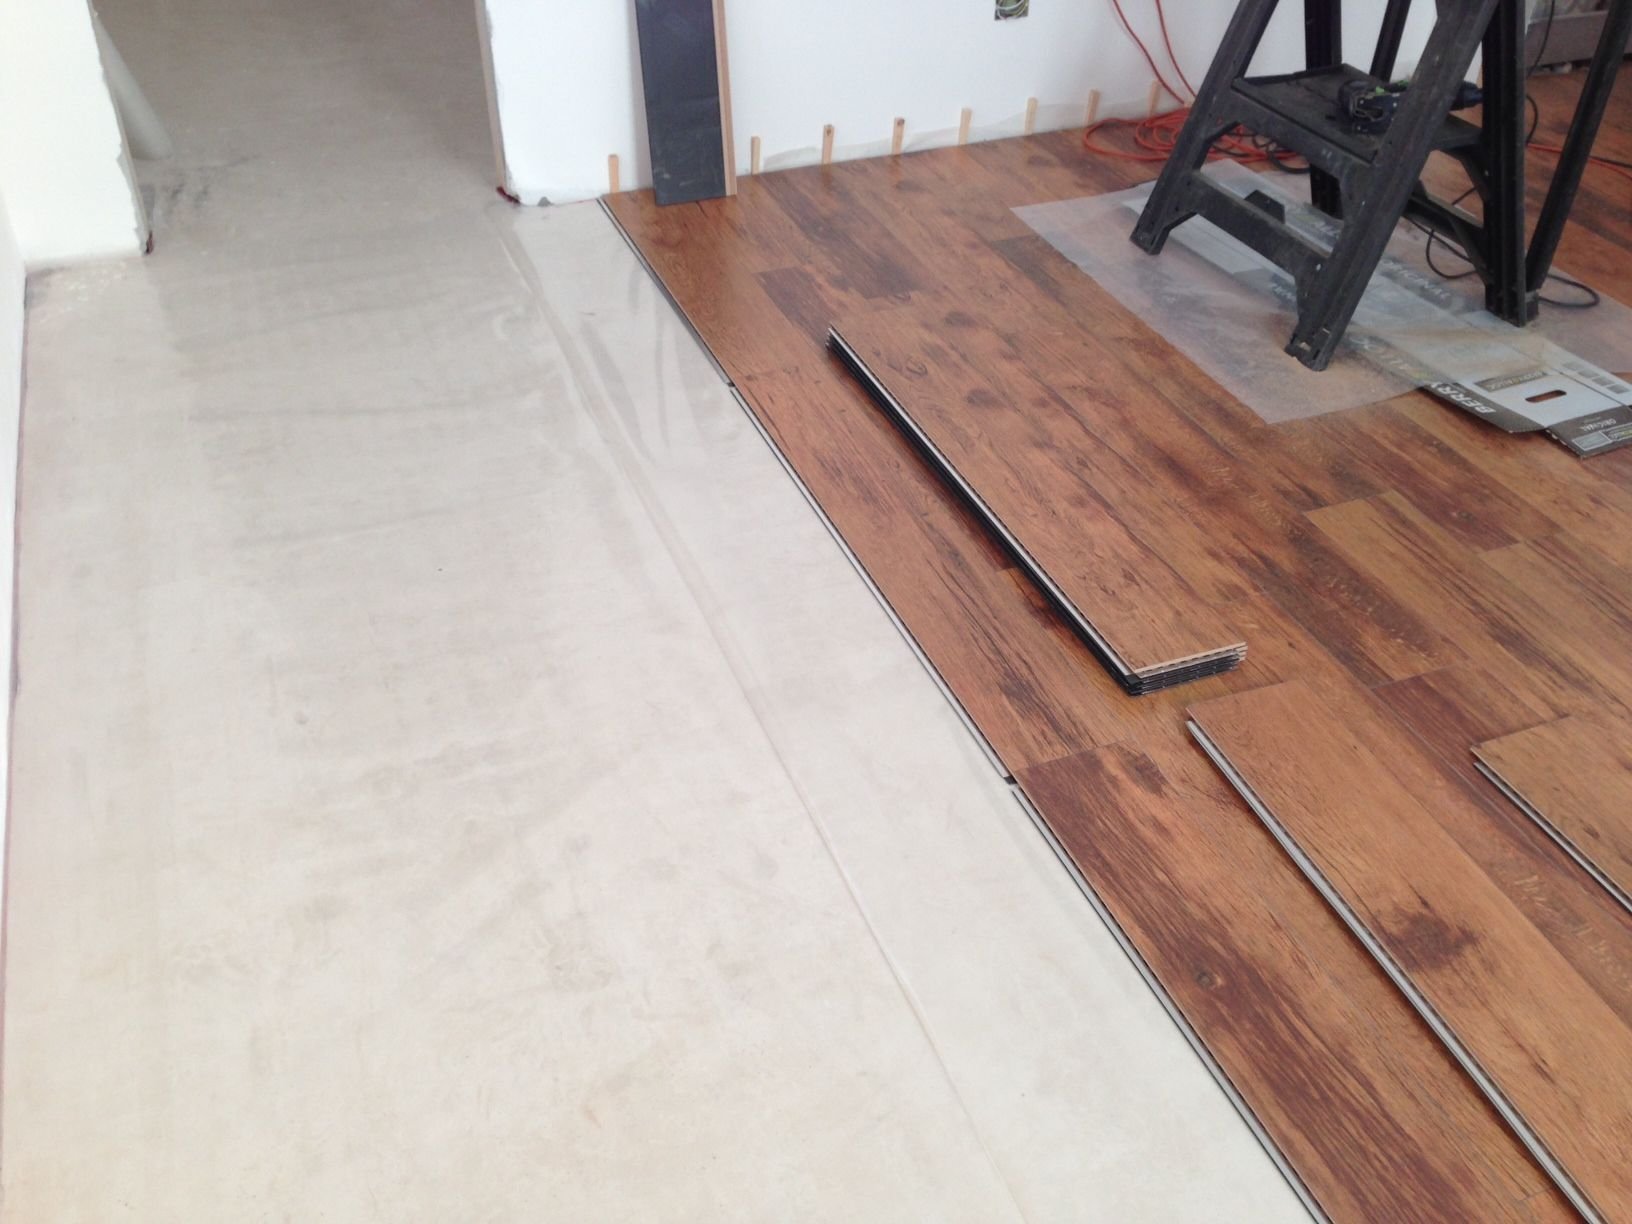 Montaggio di un pavimento flottante in laminato pavimenti flottanti in legno e laminato - Pavimento in laminato ikea ...